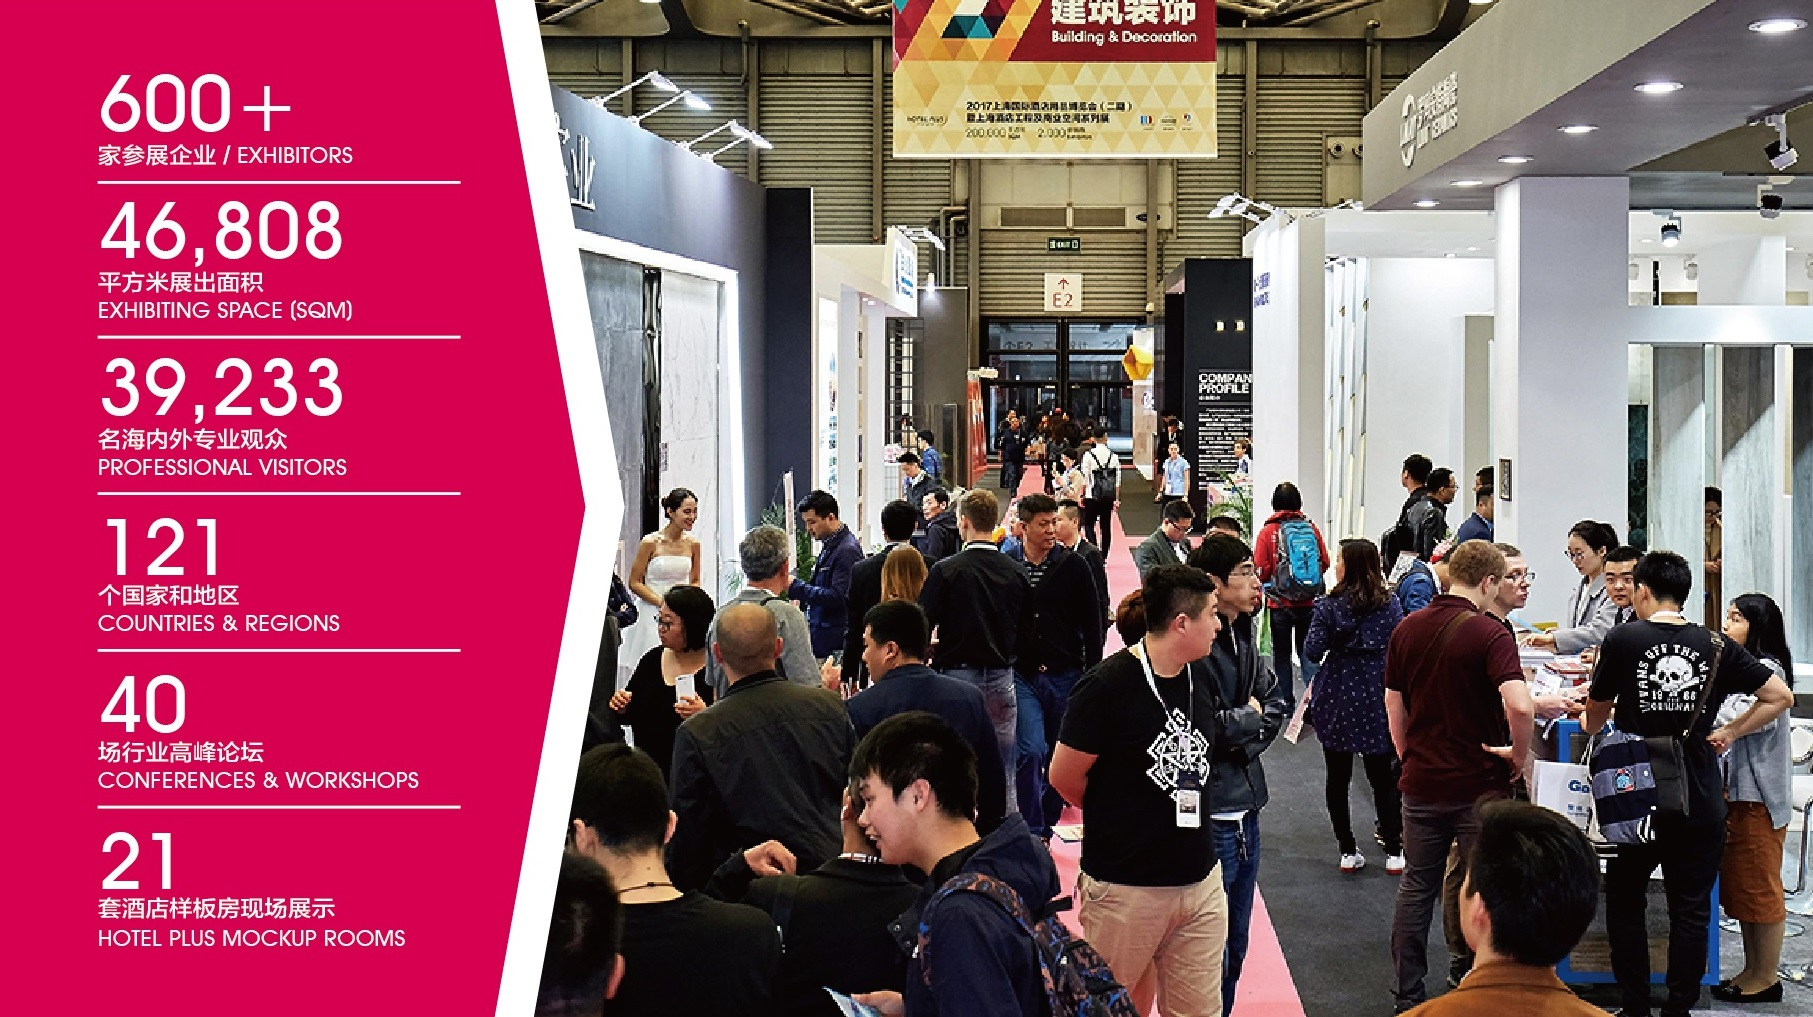 创变之举,匠心之作:2018上海国际酒店工程设计与用品博览会整合亮相